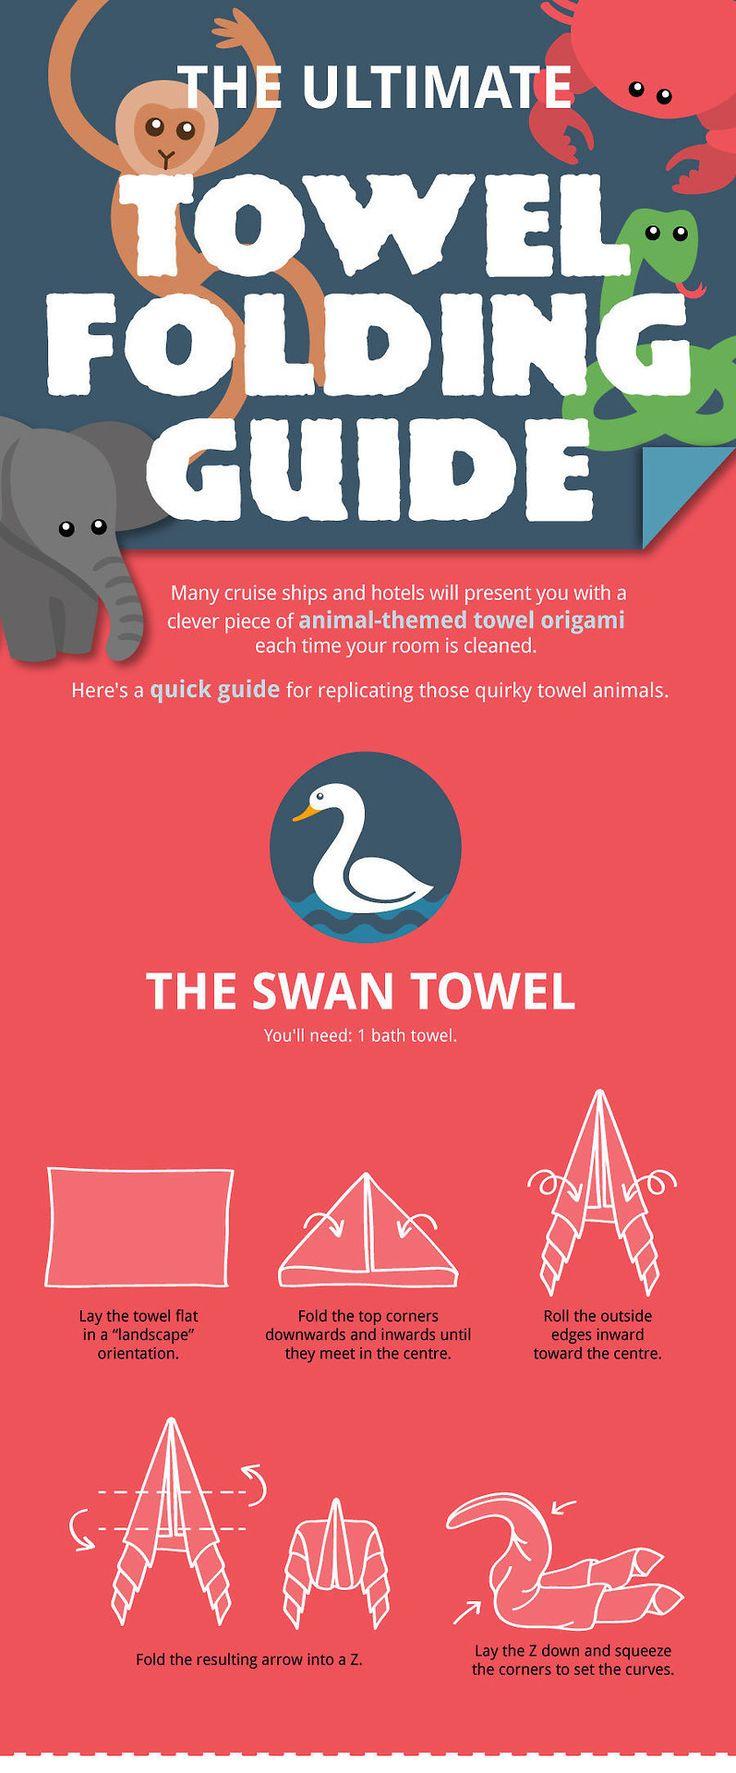 25 beste idee n over washandje knutselen op pinterest boo boo konijn handdoek origami en - Wassen handdoeken ...